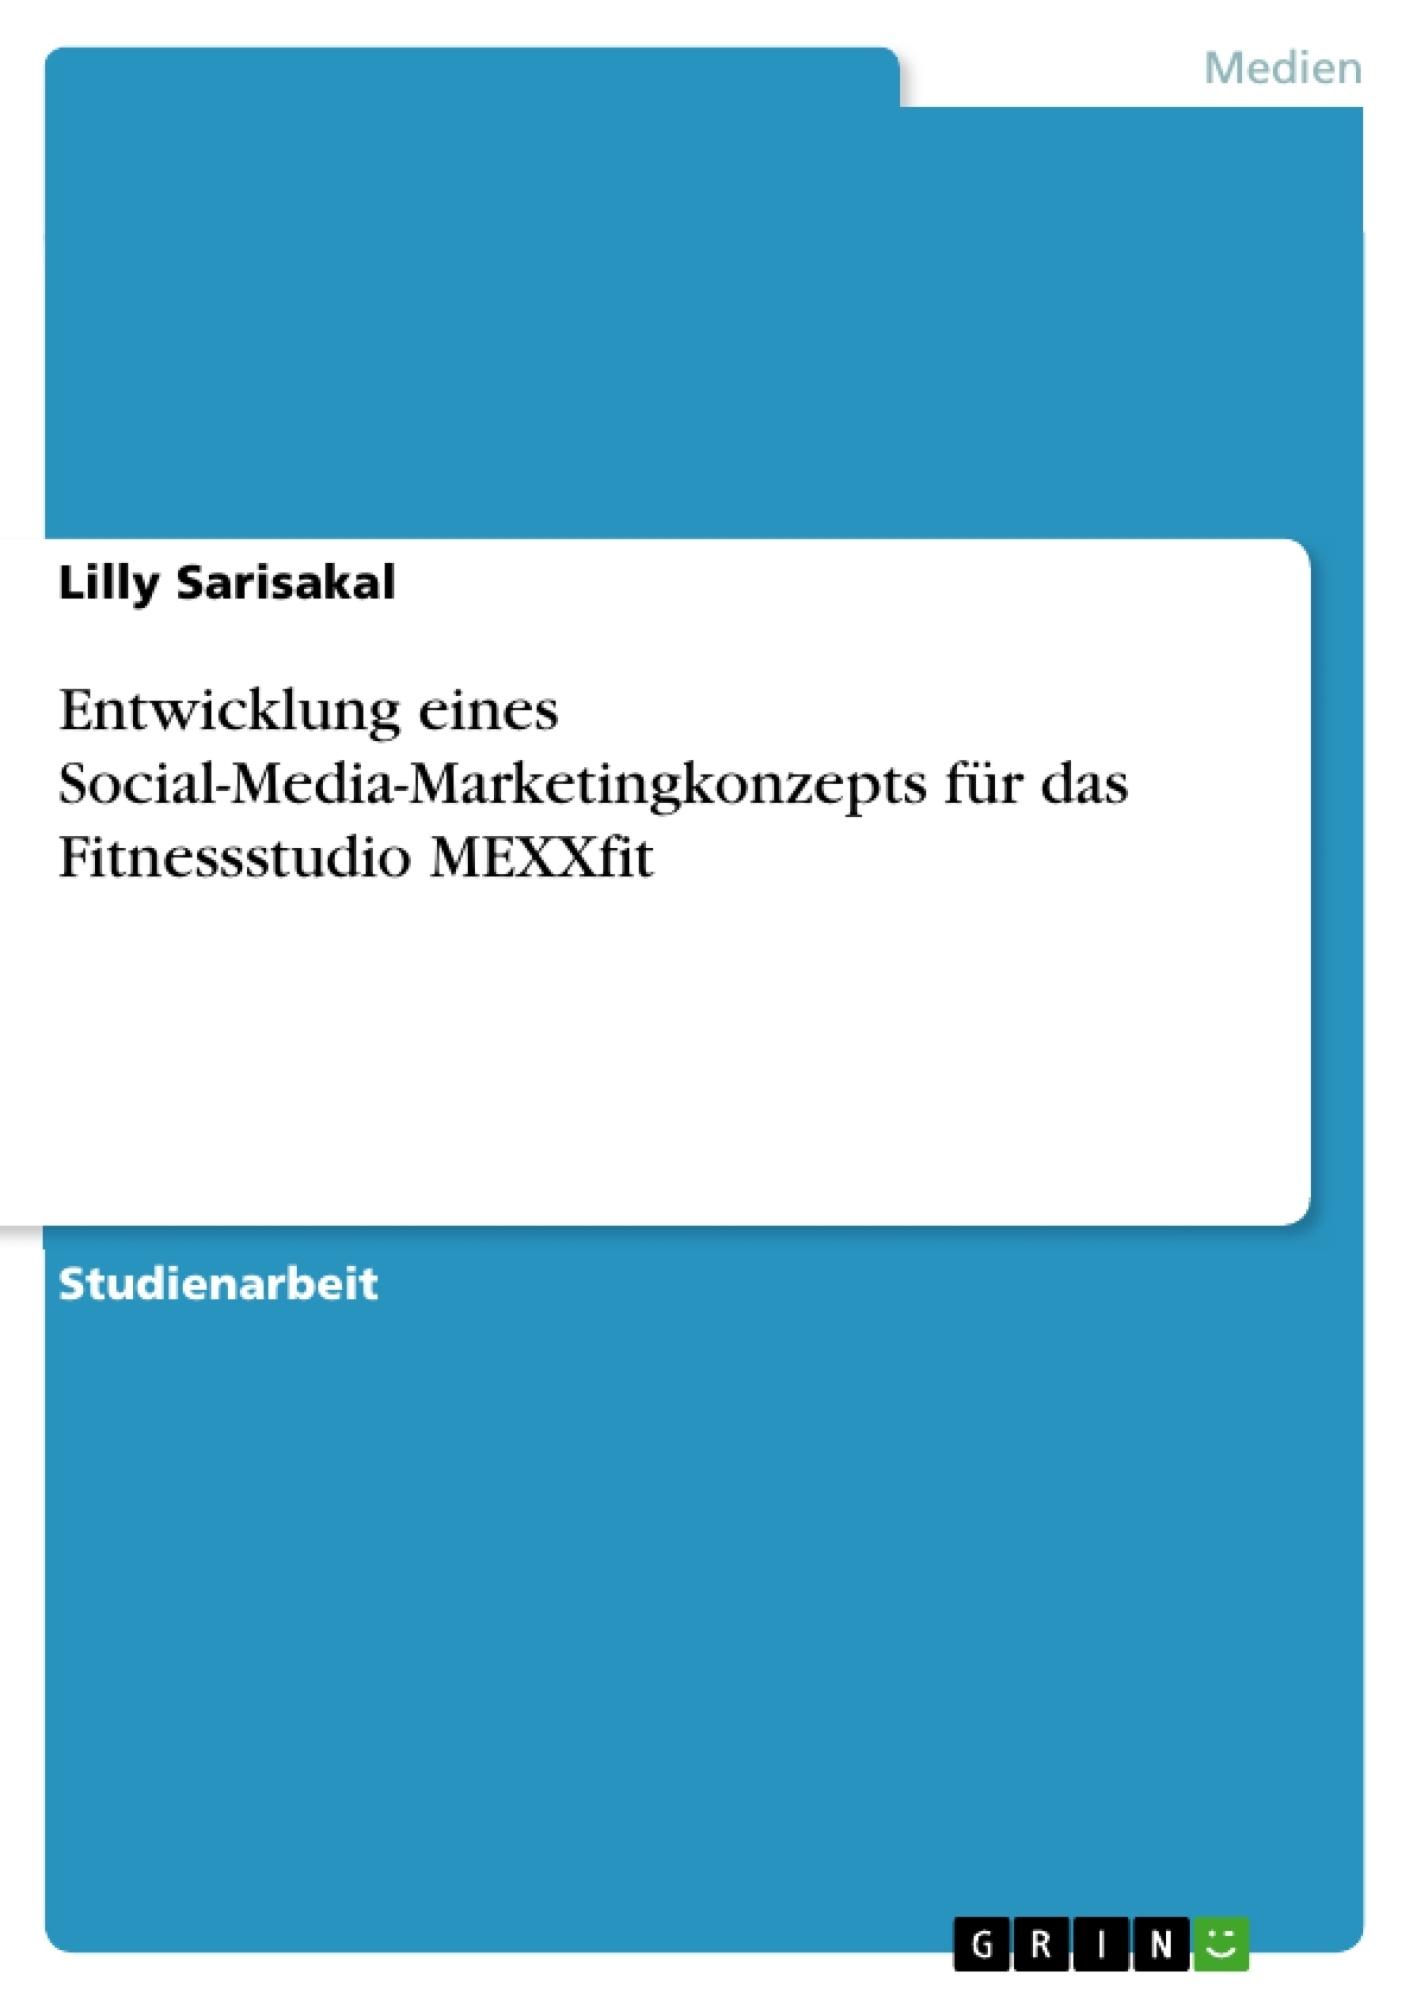 Titel: Entwicklung eines Social-Media-Marketingkonzepts für das Fitnessstudio MEXXfit